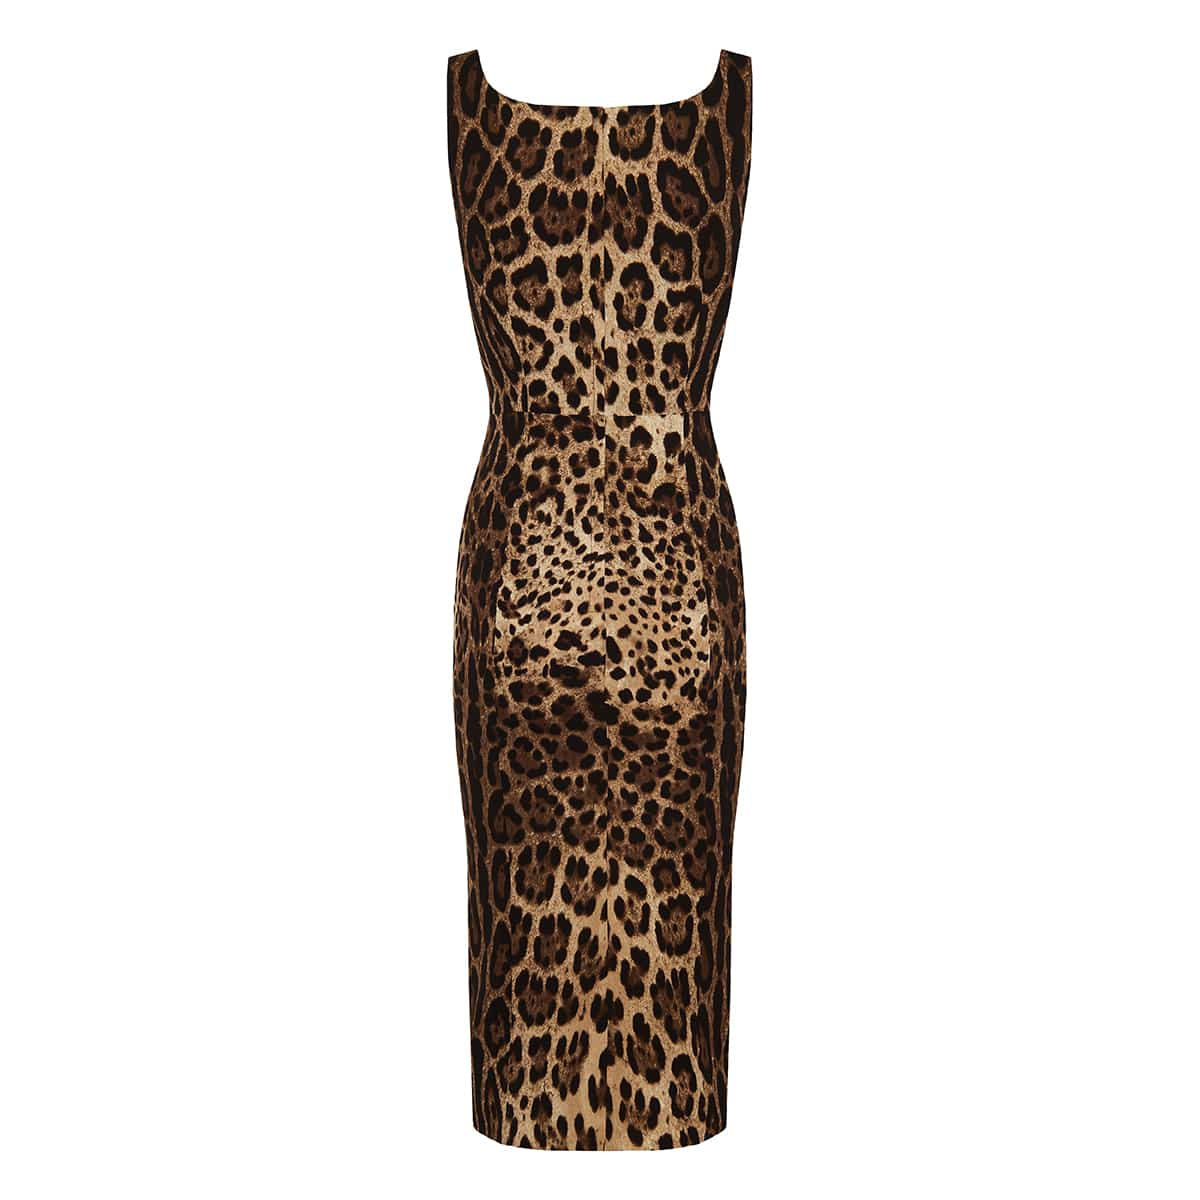 Leopard print silk pencil dress